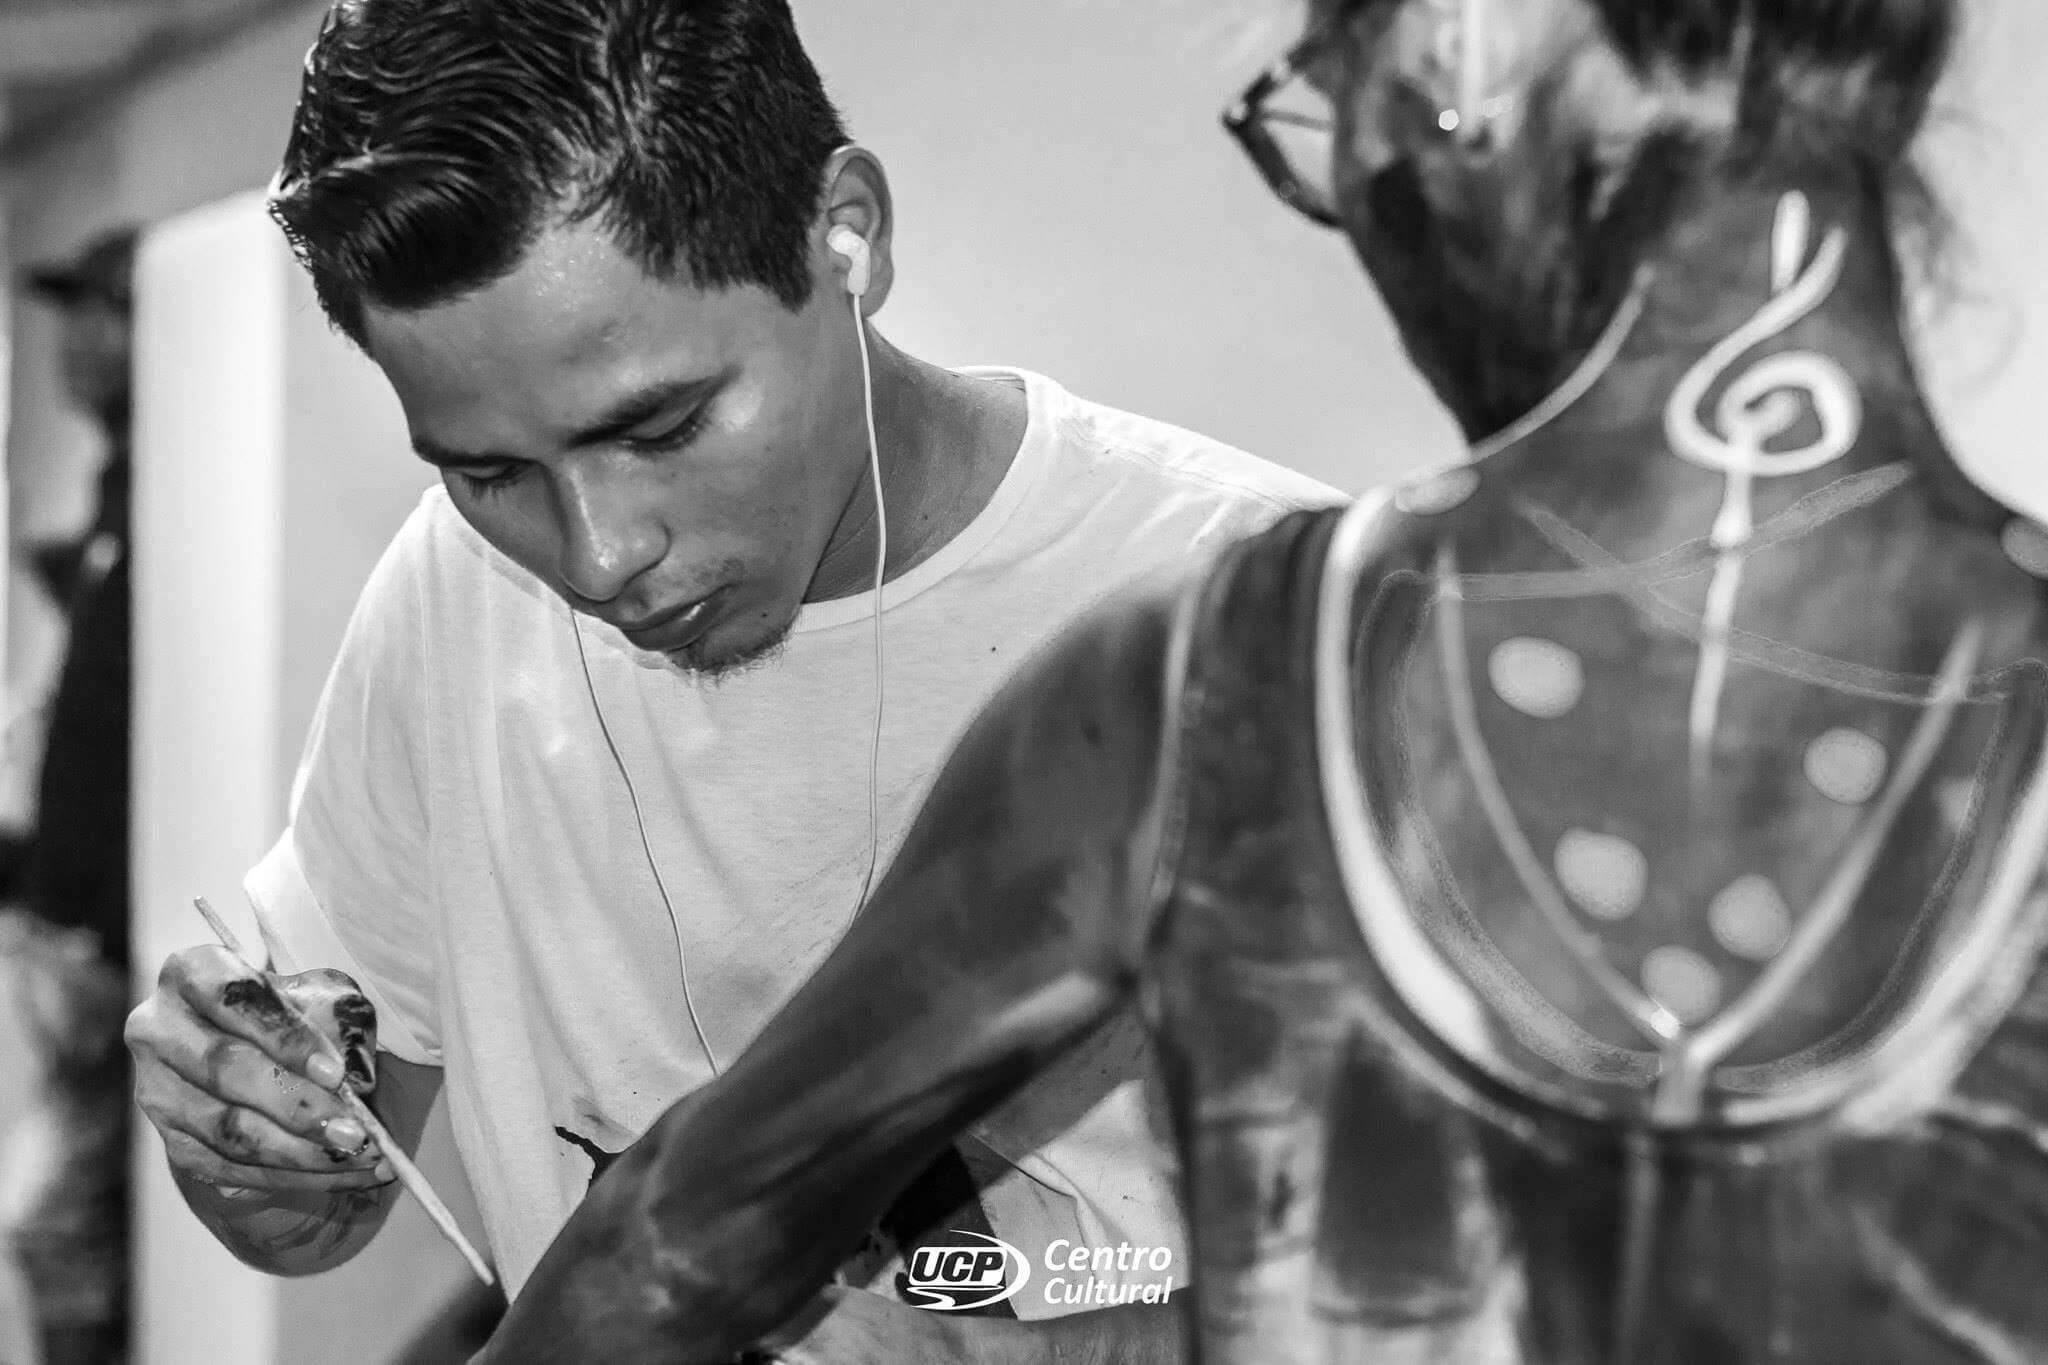 Artista local Kasy de Iquitos pintando un cuerpo humano